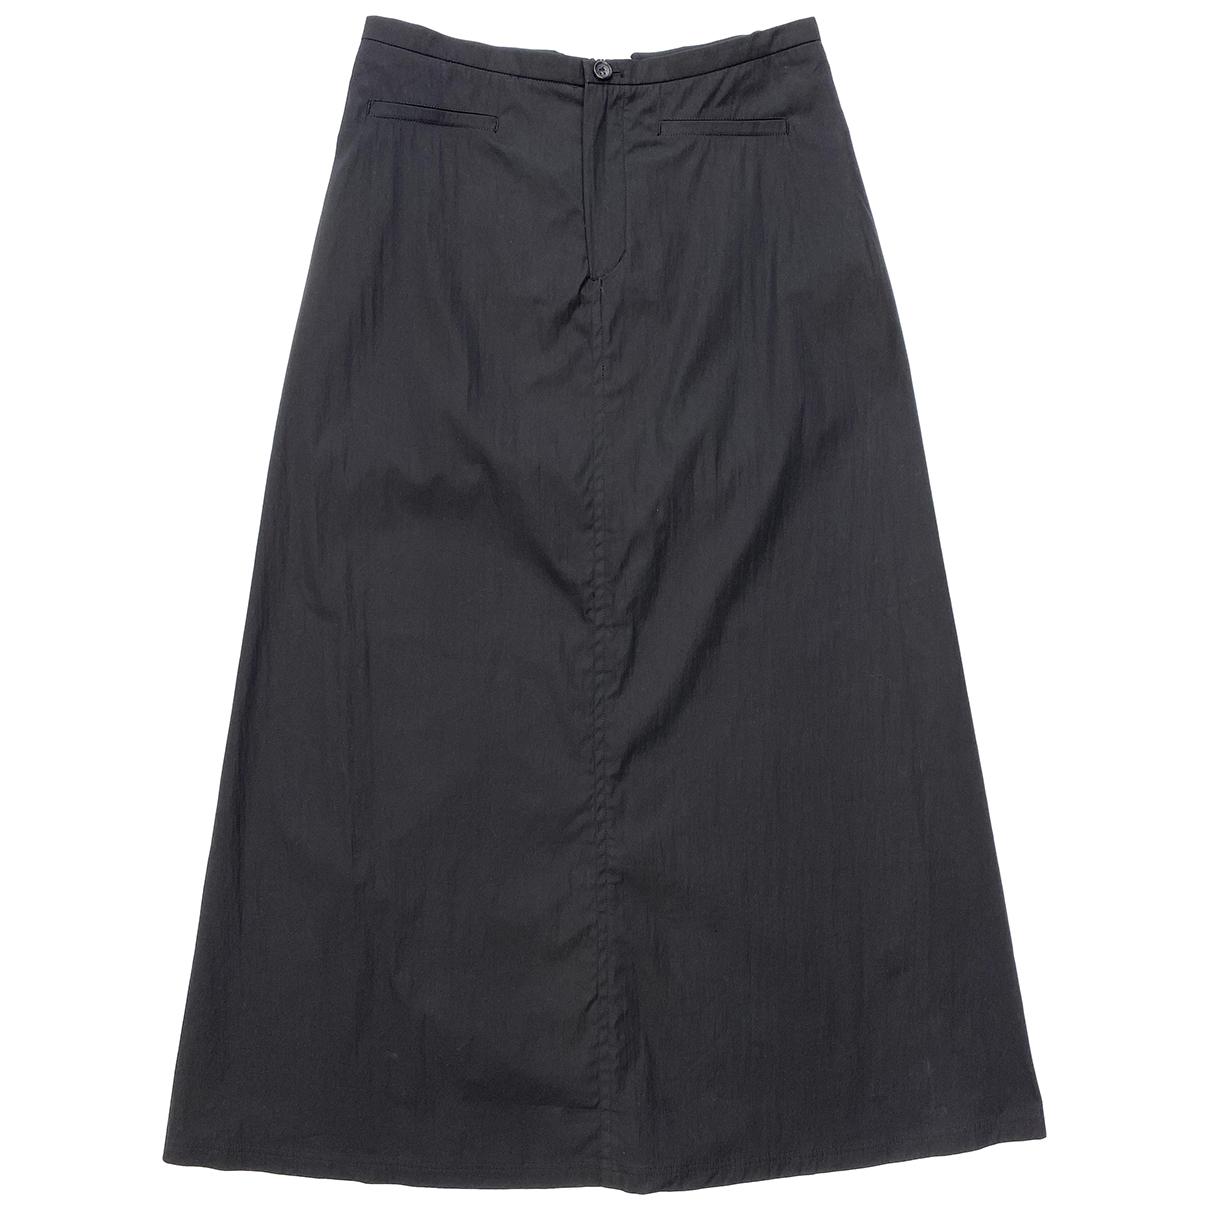 Jil Sander \N Black Cotton skirt for Women S International